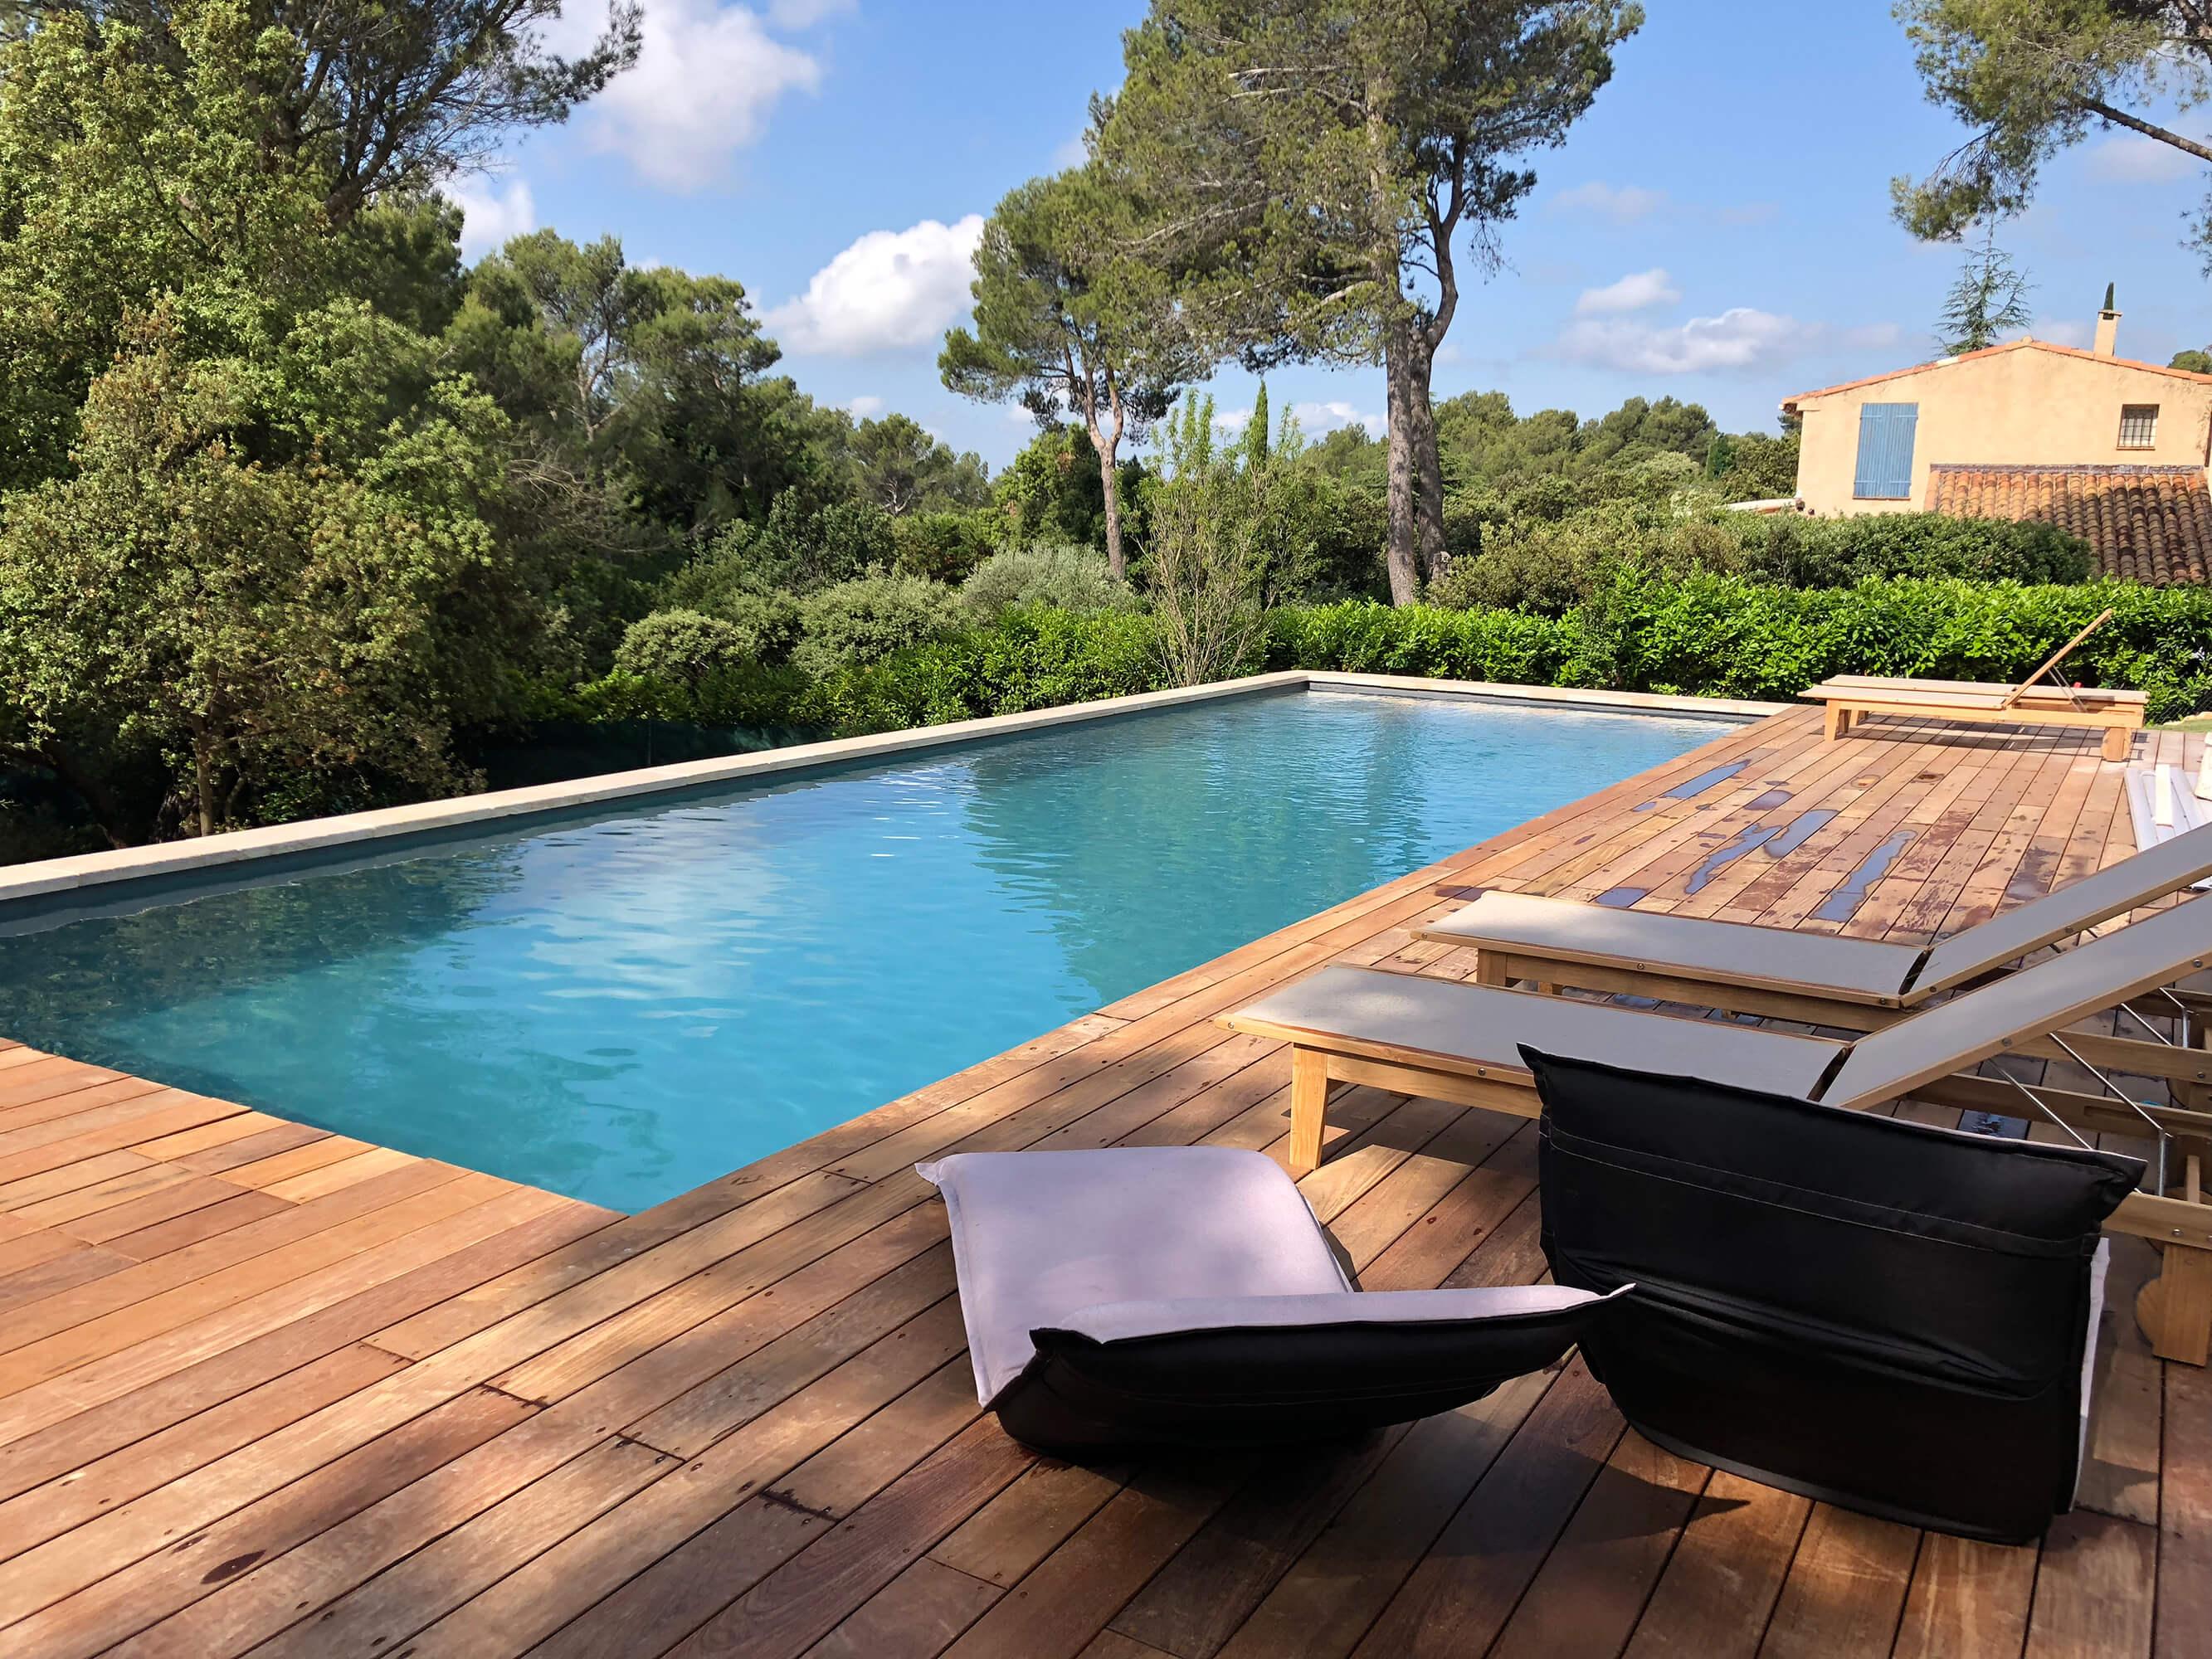 Fantastique Création de piscine et terrasse - Espaces Modernes XH-77